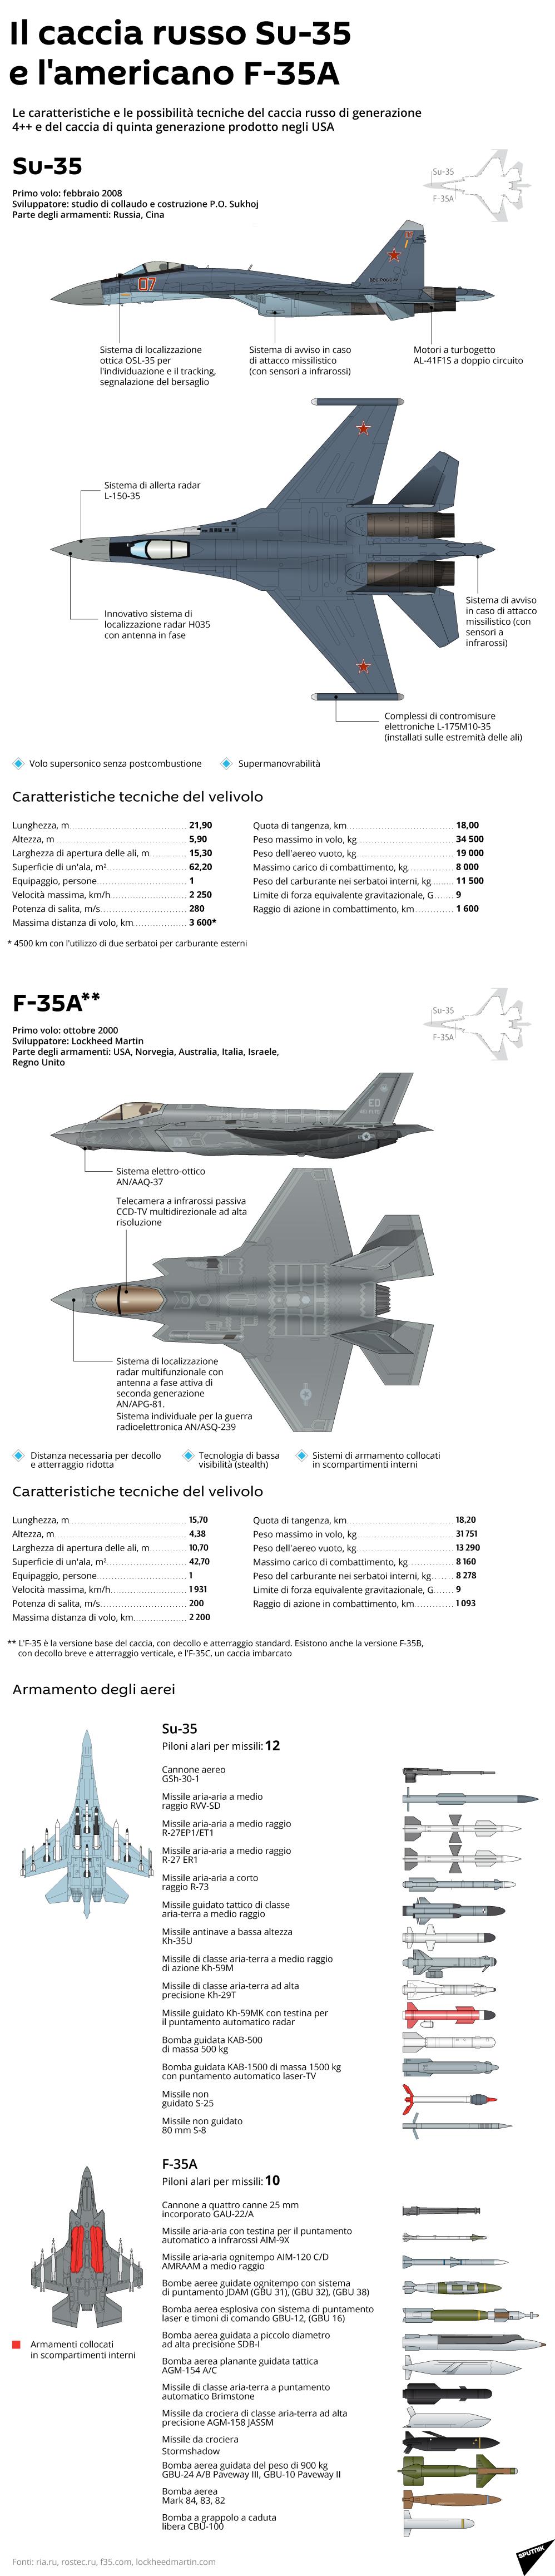 Il caccia russo Su-35 e l'americano F-35A